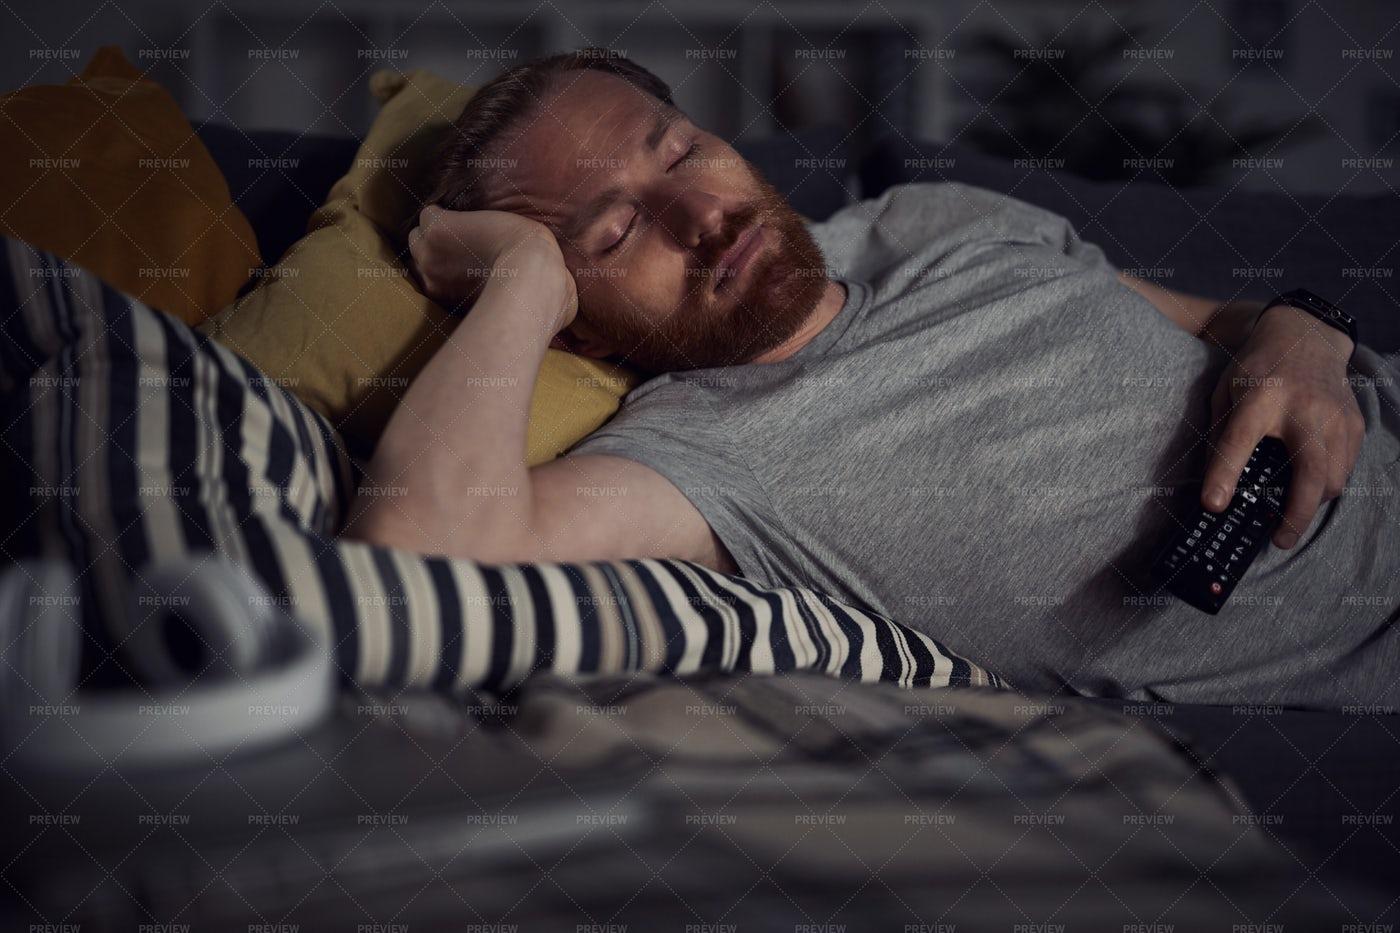 Falling Asleep By TV: Stock Photos